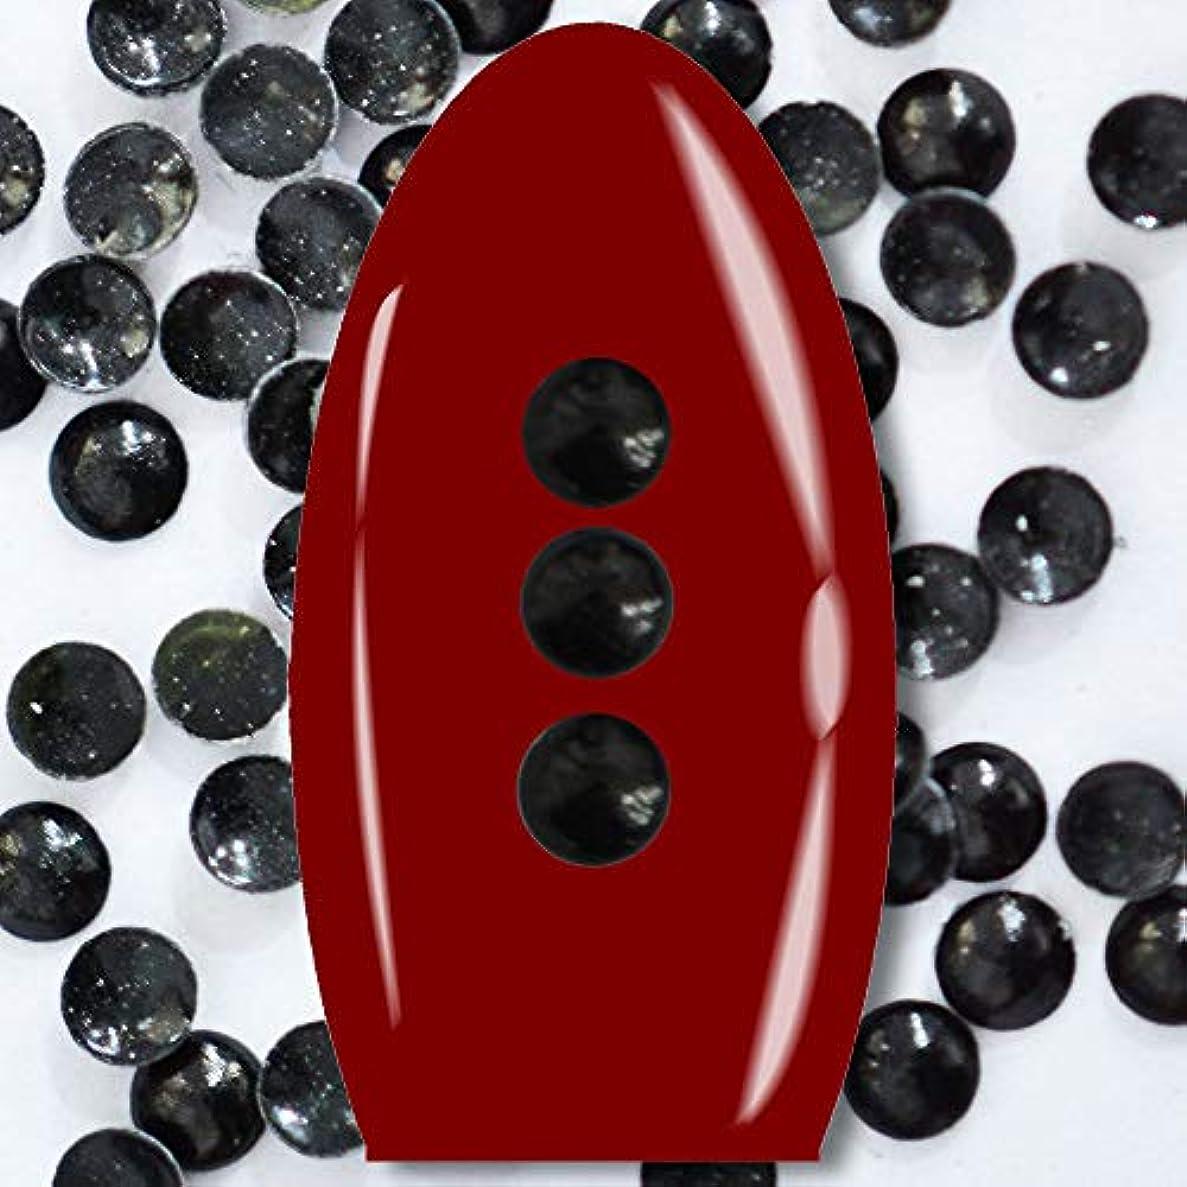 メールを書く軽減する事メタルスタッズ ネイル用 50粒 STZ029 ラウンド ライトゴールド Φ3mm ぷっくり半球型